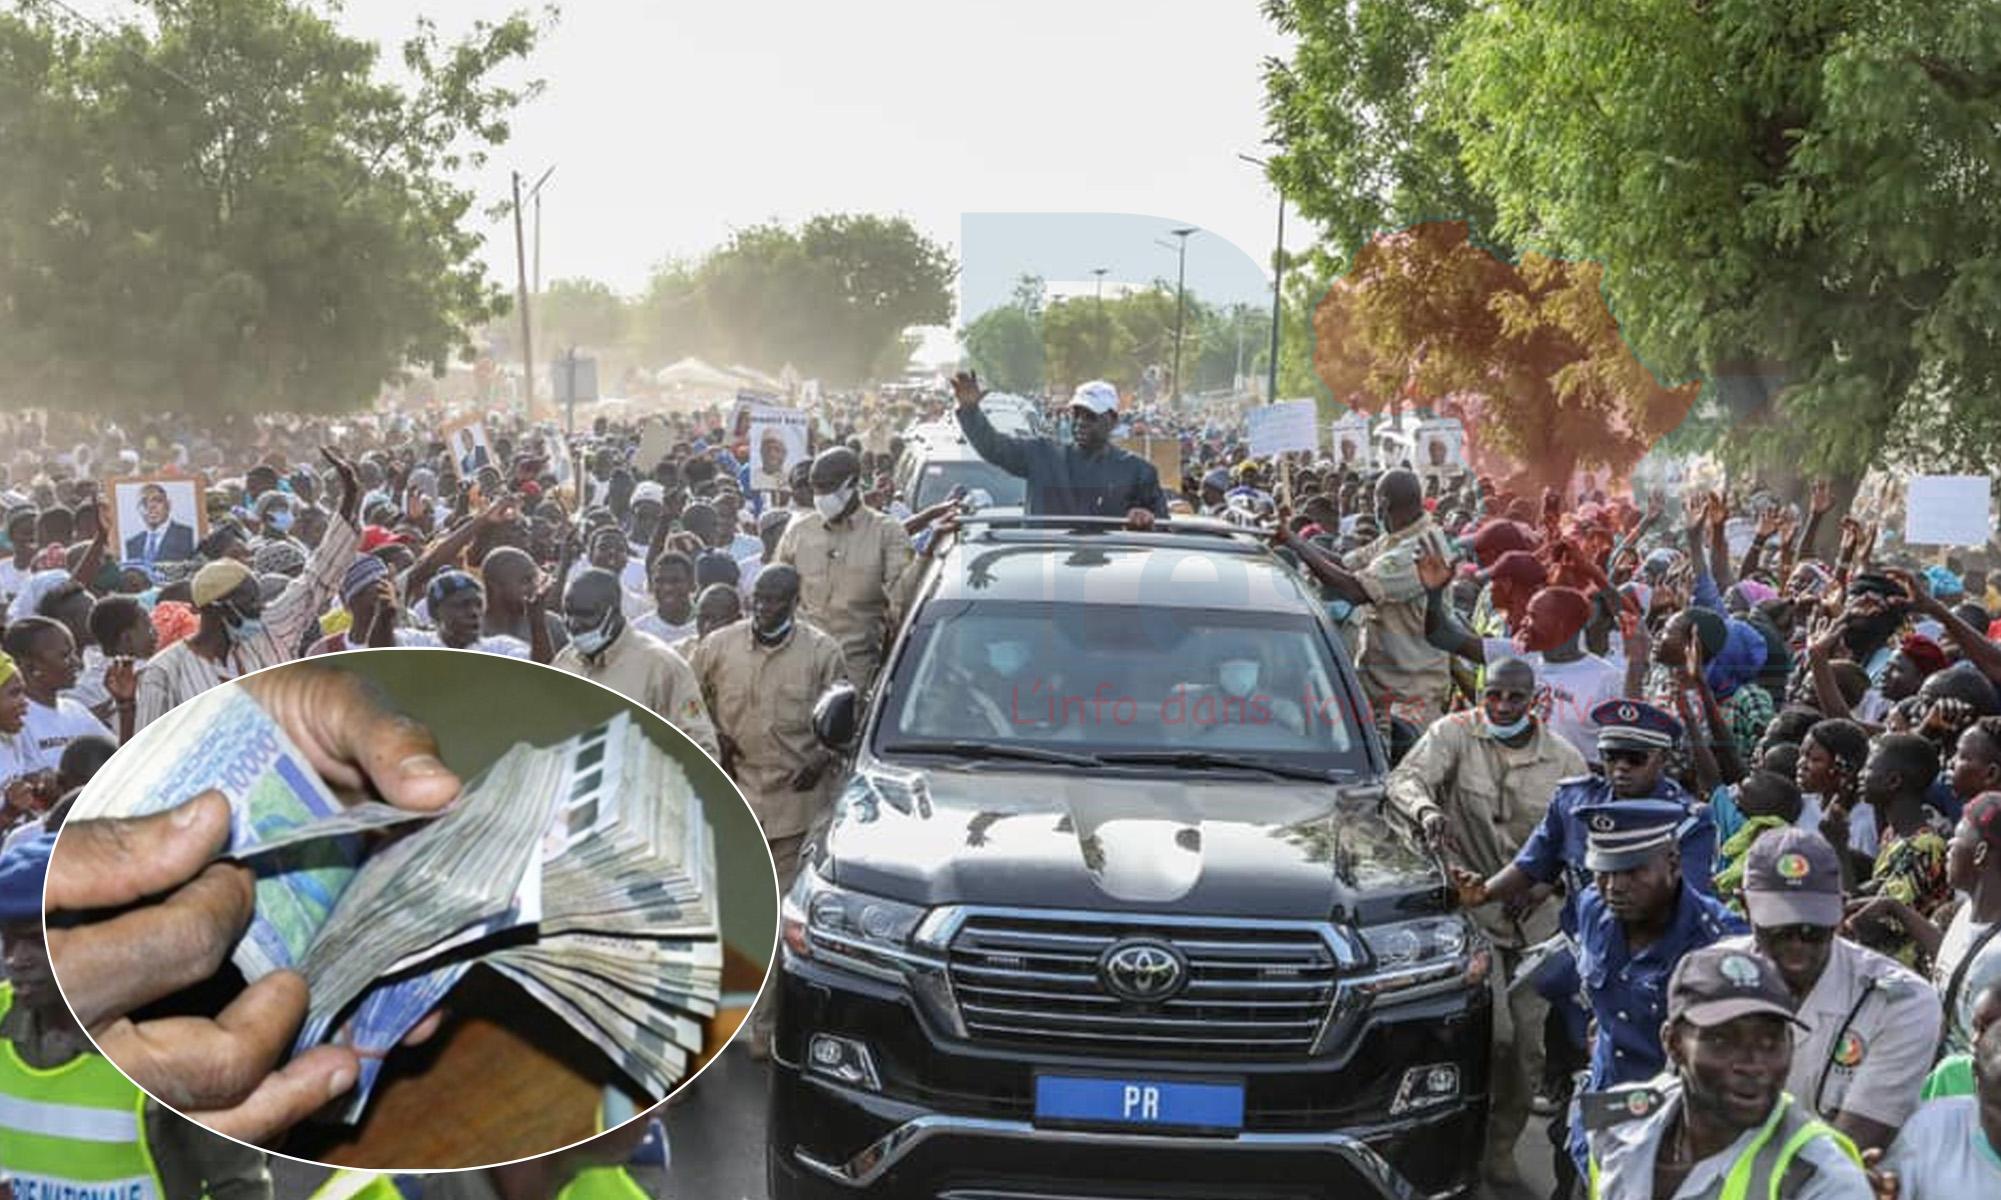 Tournée économique de Macky : des jeunes « loués » à Dakar pour aller grossir les rangs des responsables au Fouta